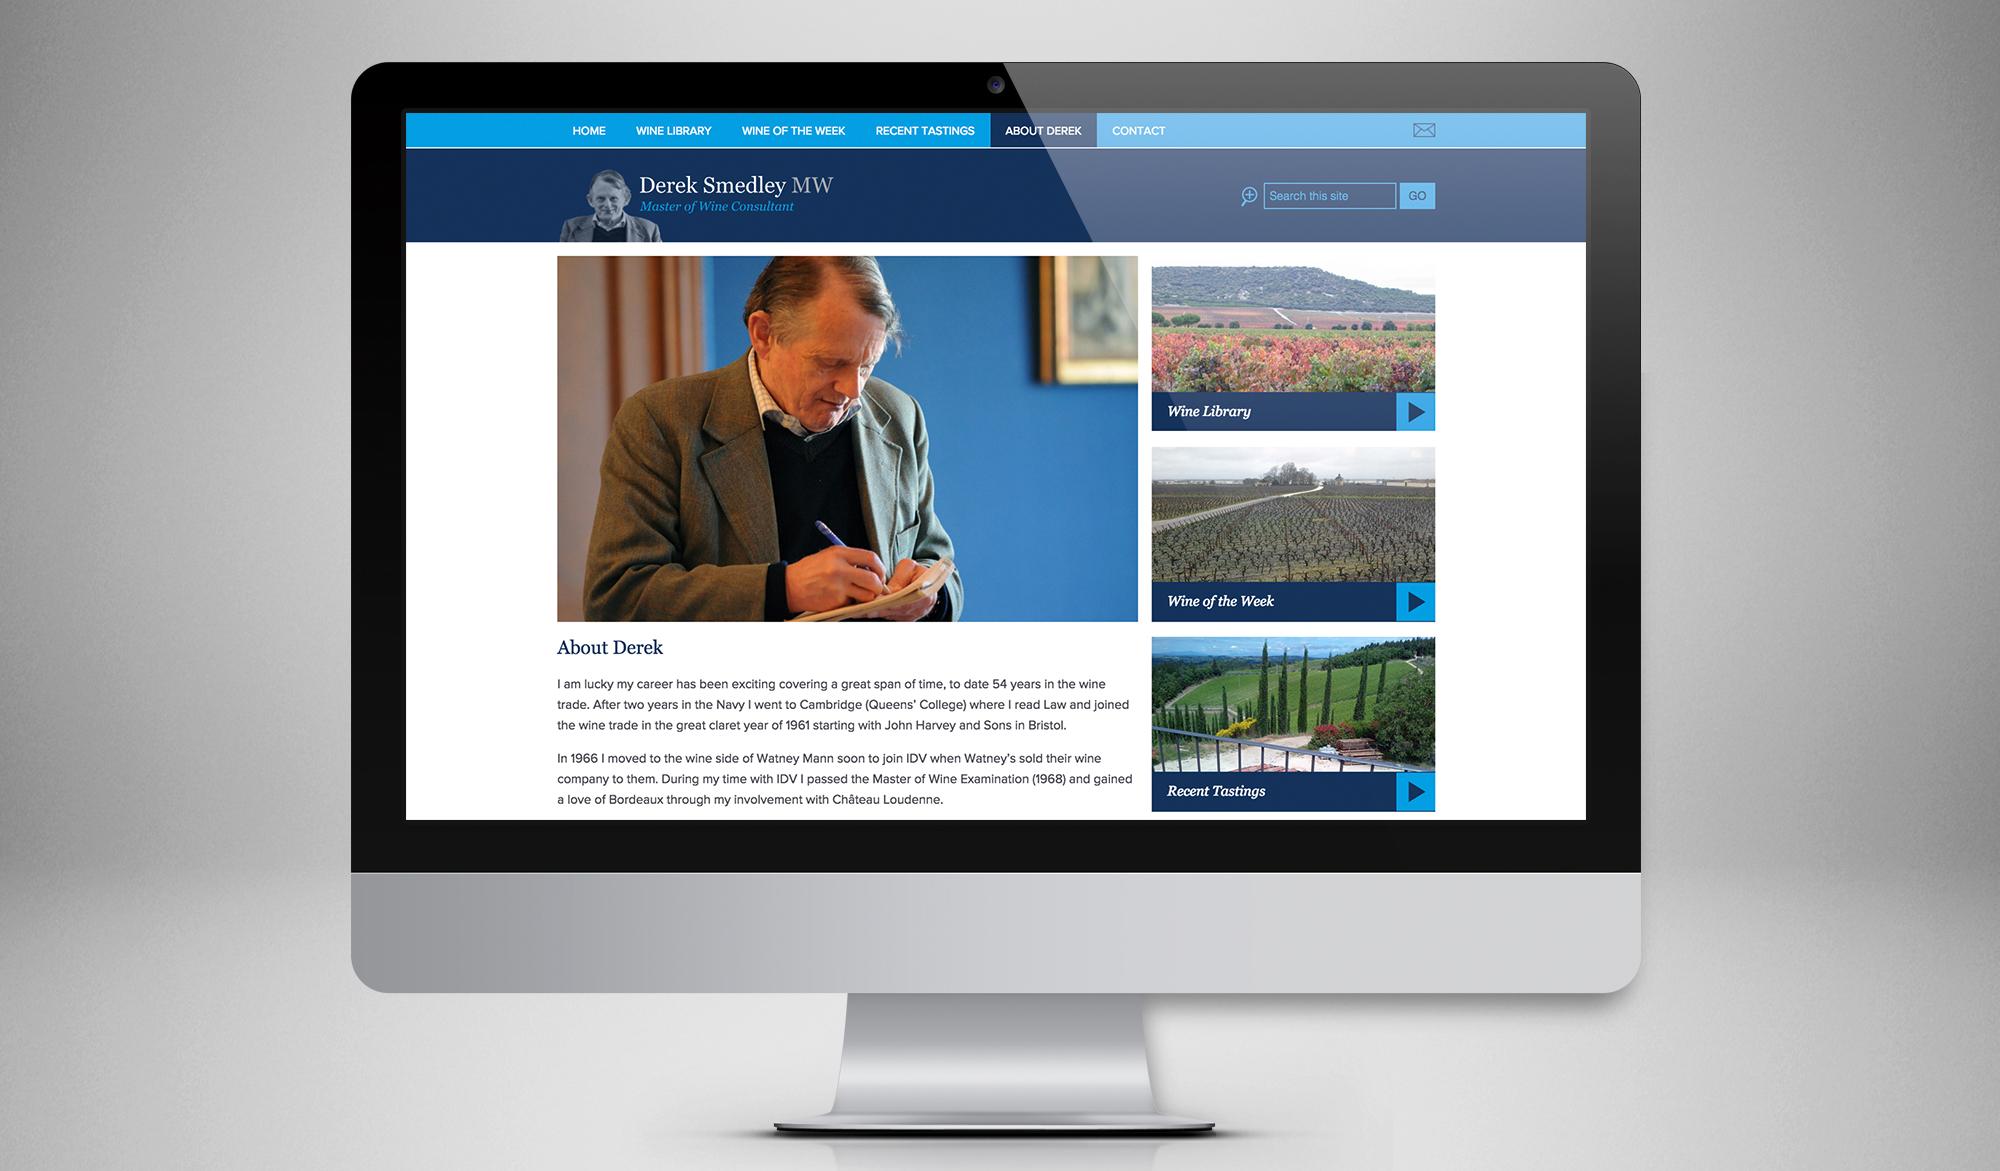 Derek Smedley website page